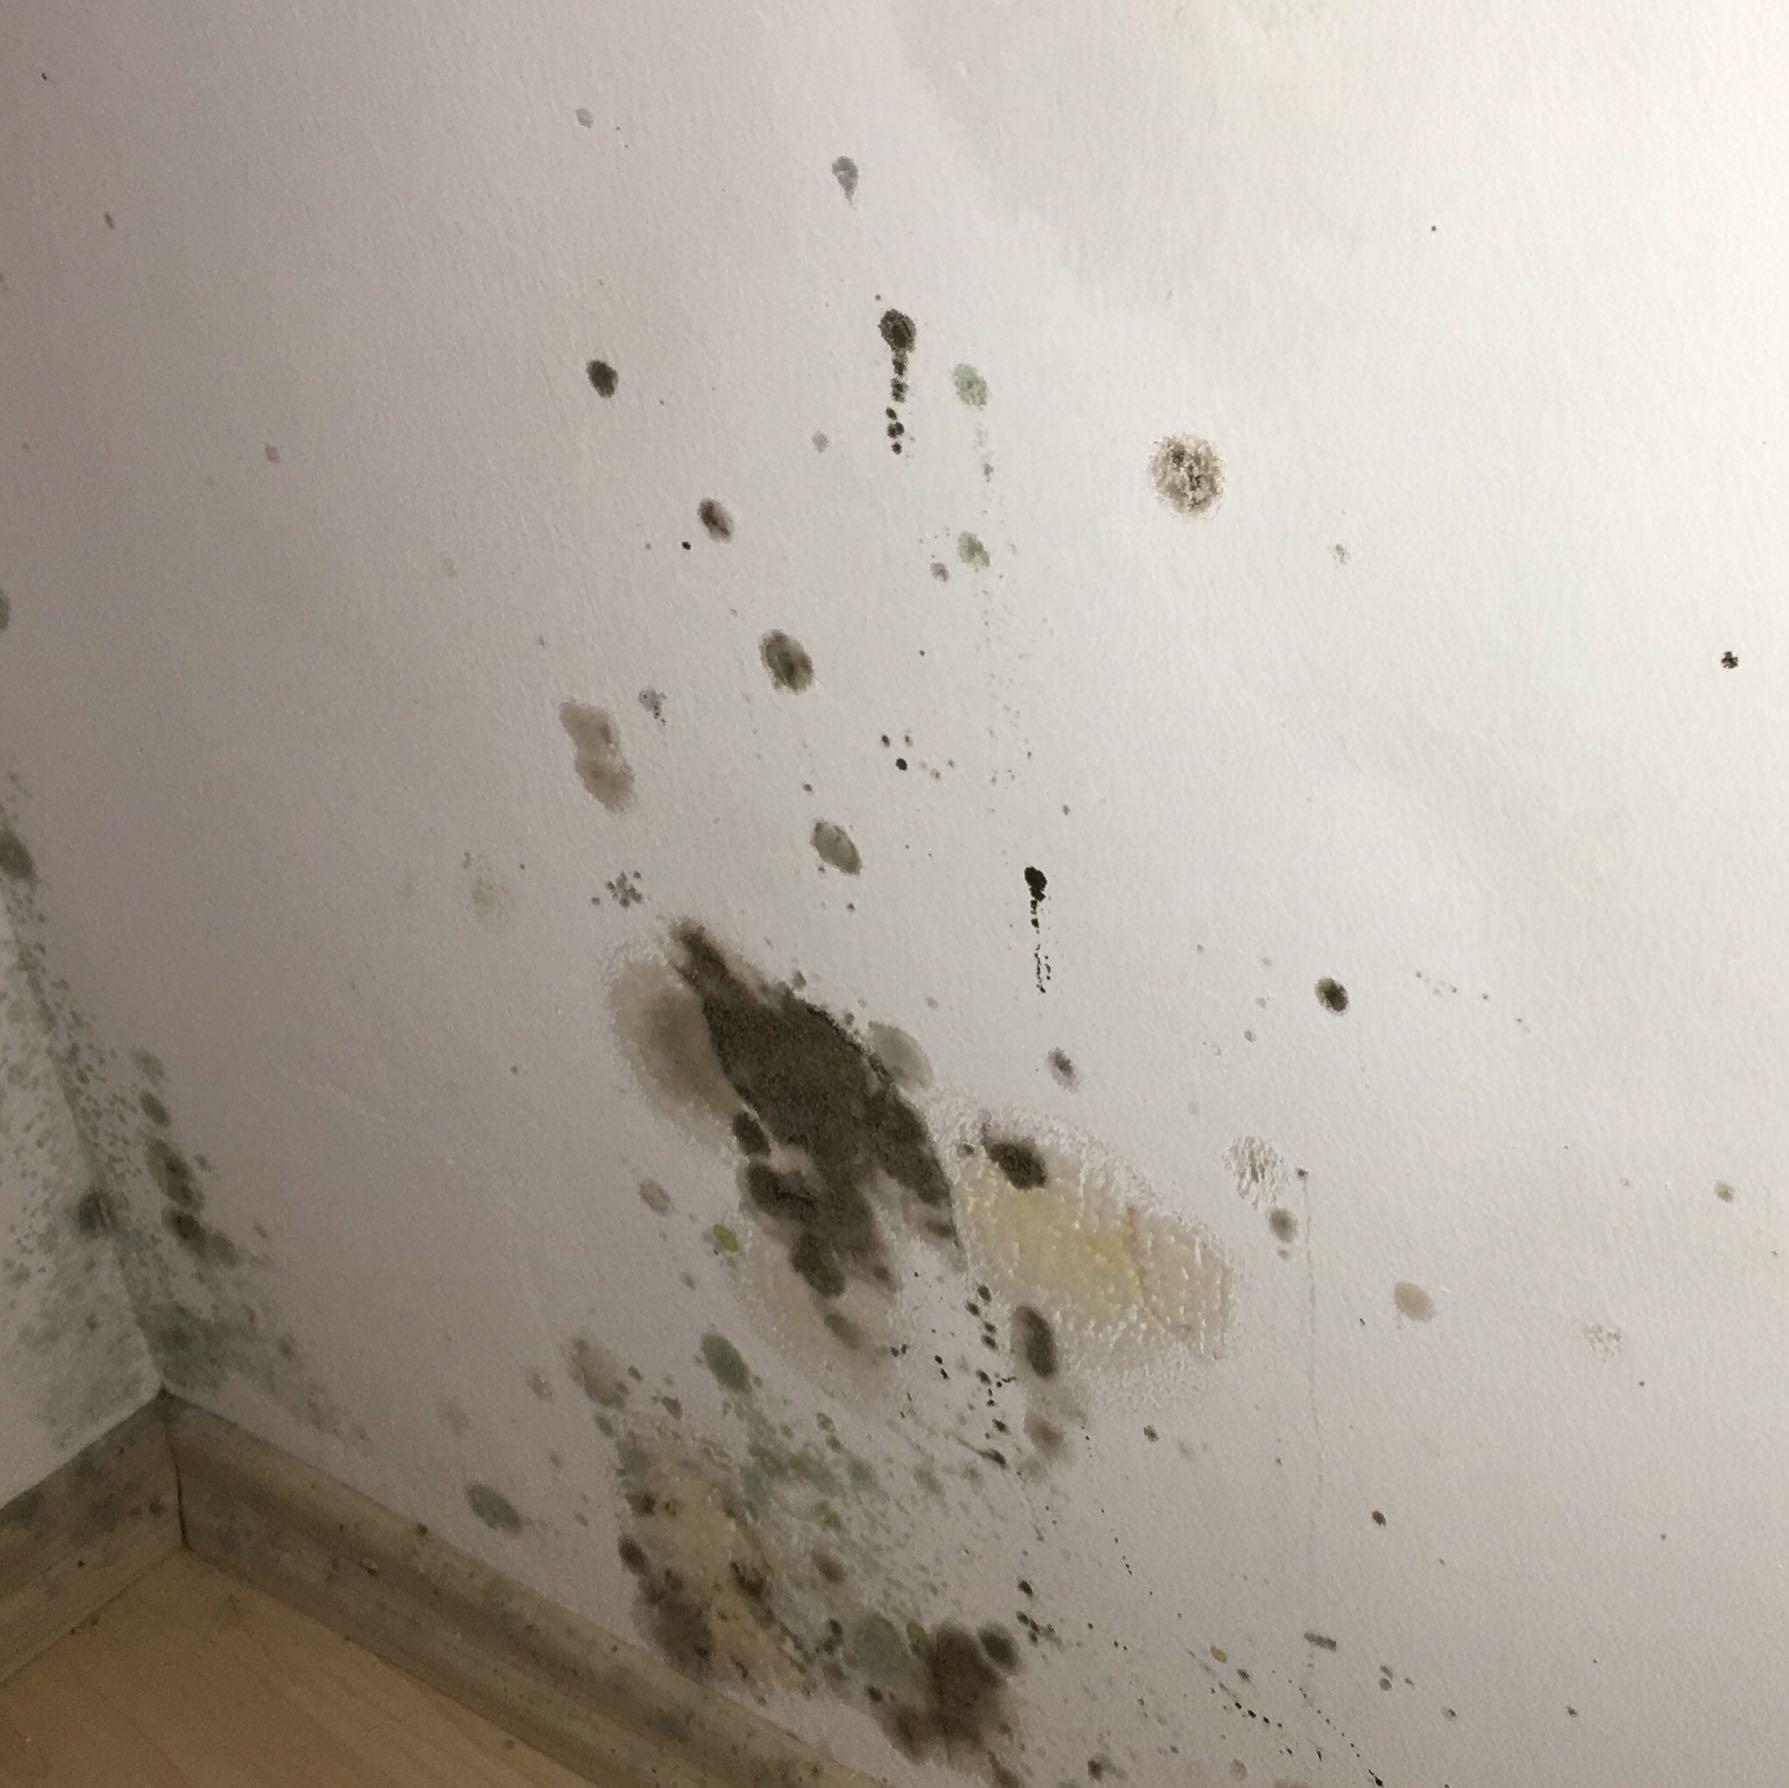 Schimmel In Wohnung Was Tun : schimmel in der wohnung bin ratlos was tun ~ Watch28wear.com Haus und Dekorationen